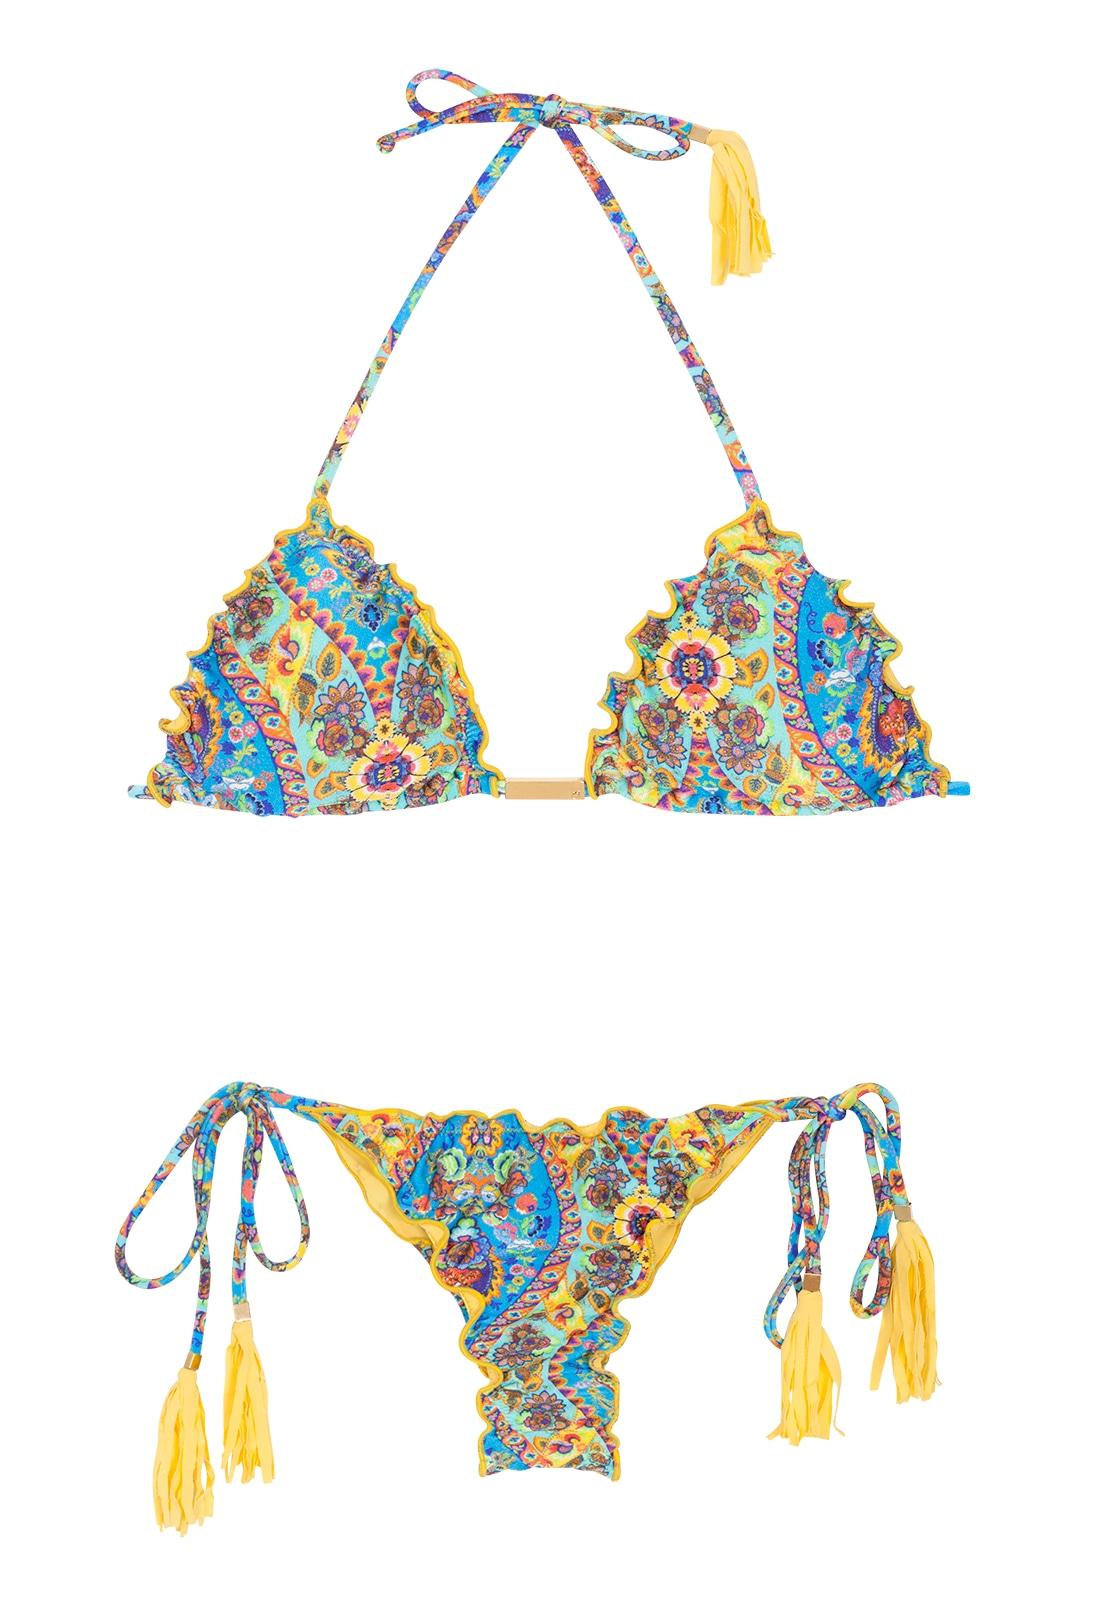 90701d65d39a Bikini tipo tanga fruncido bordes ondulados, borlas - SARI FRUFRU FIO ...